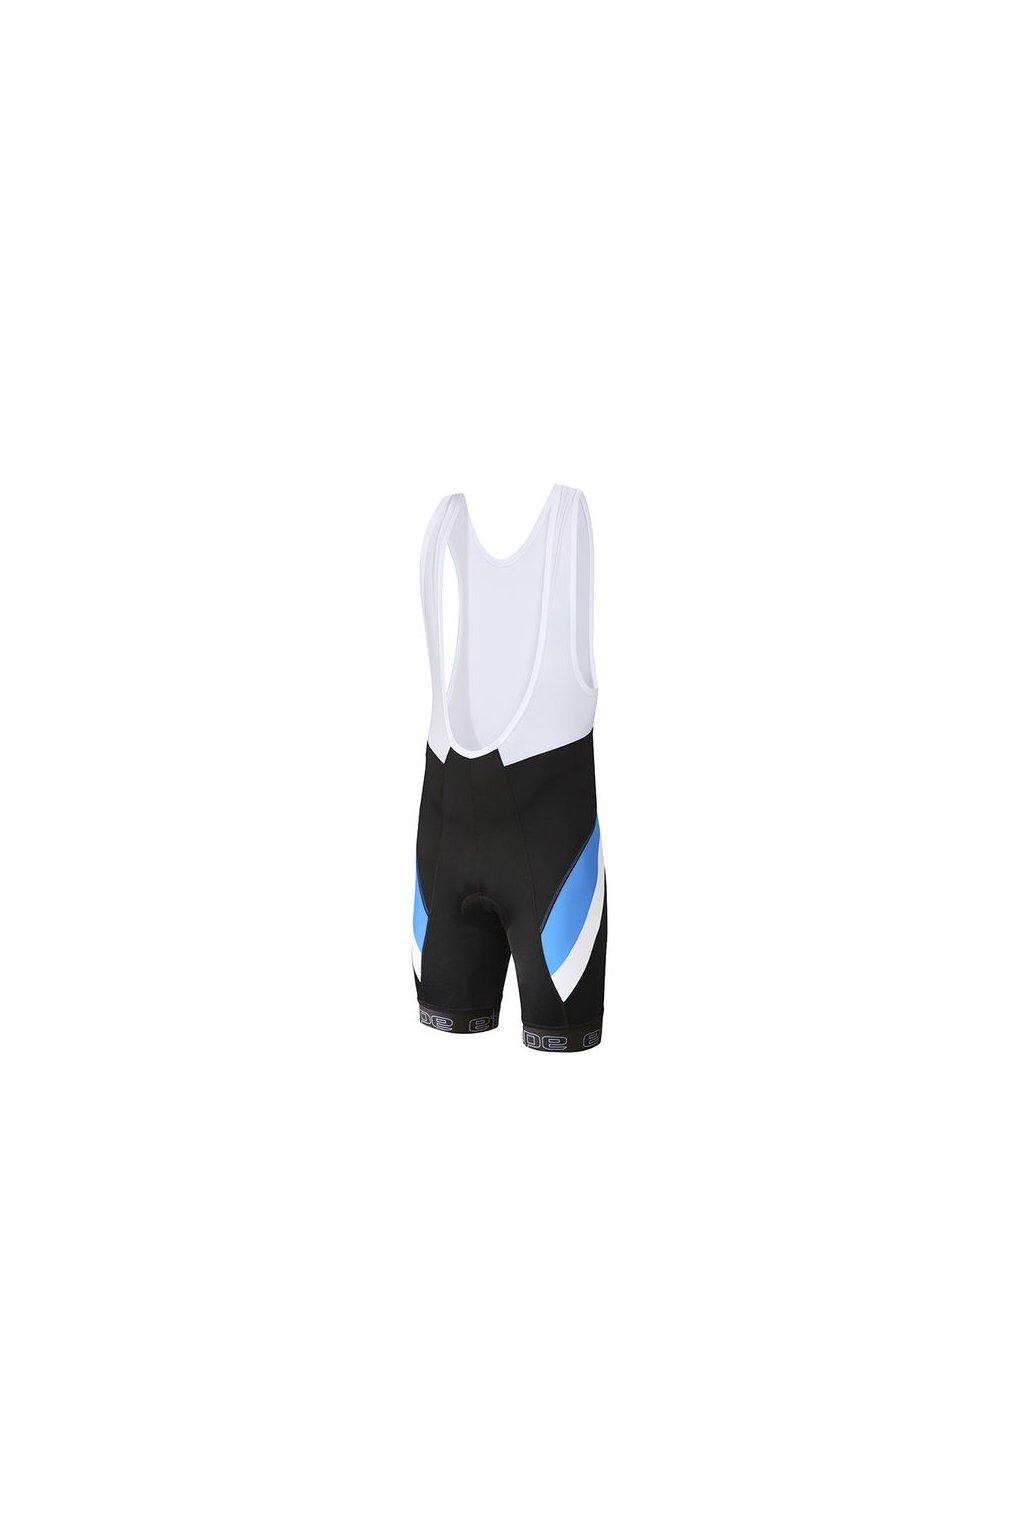 Etape - pánské kalhoty PROFI LACL s vložkou, černá/modrá